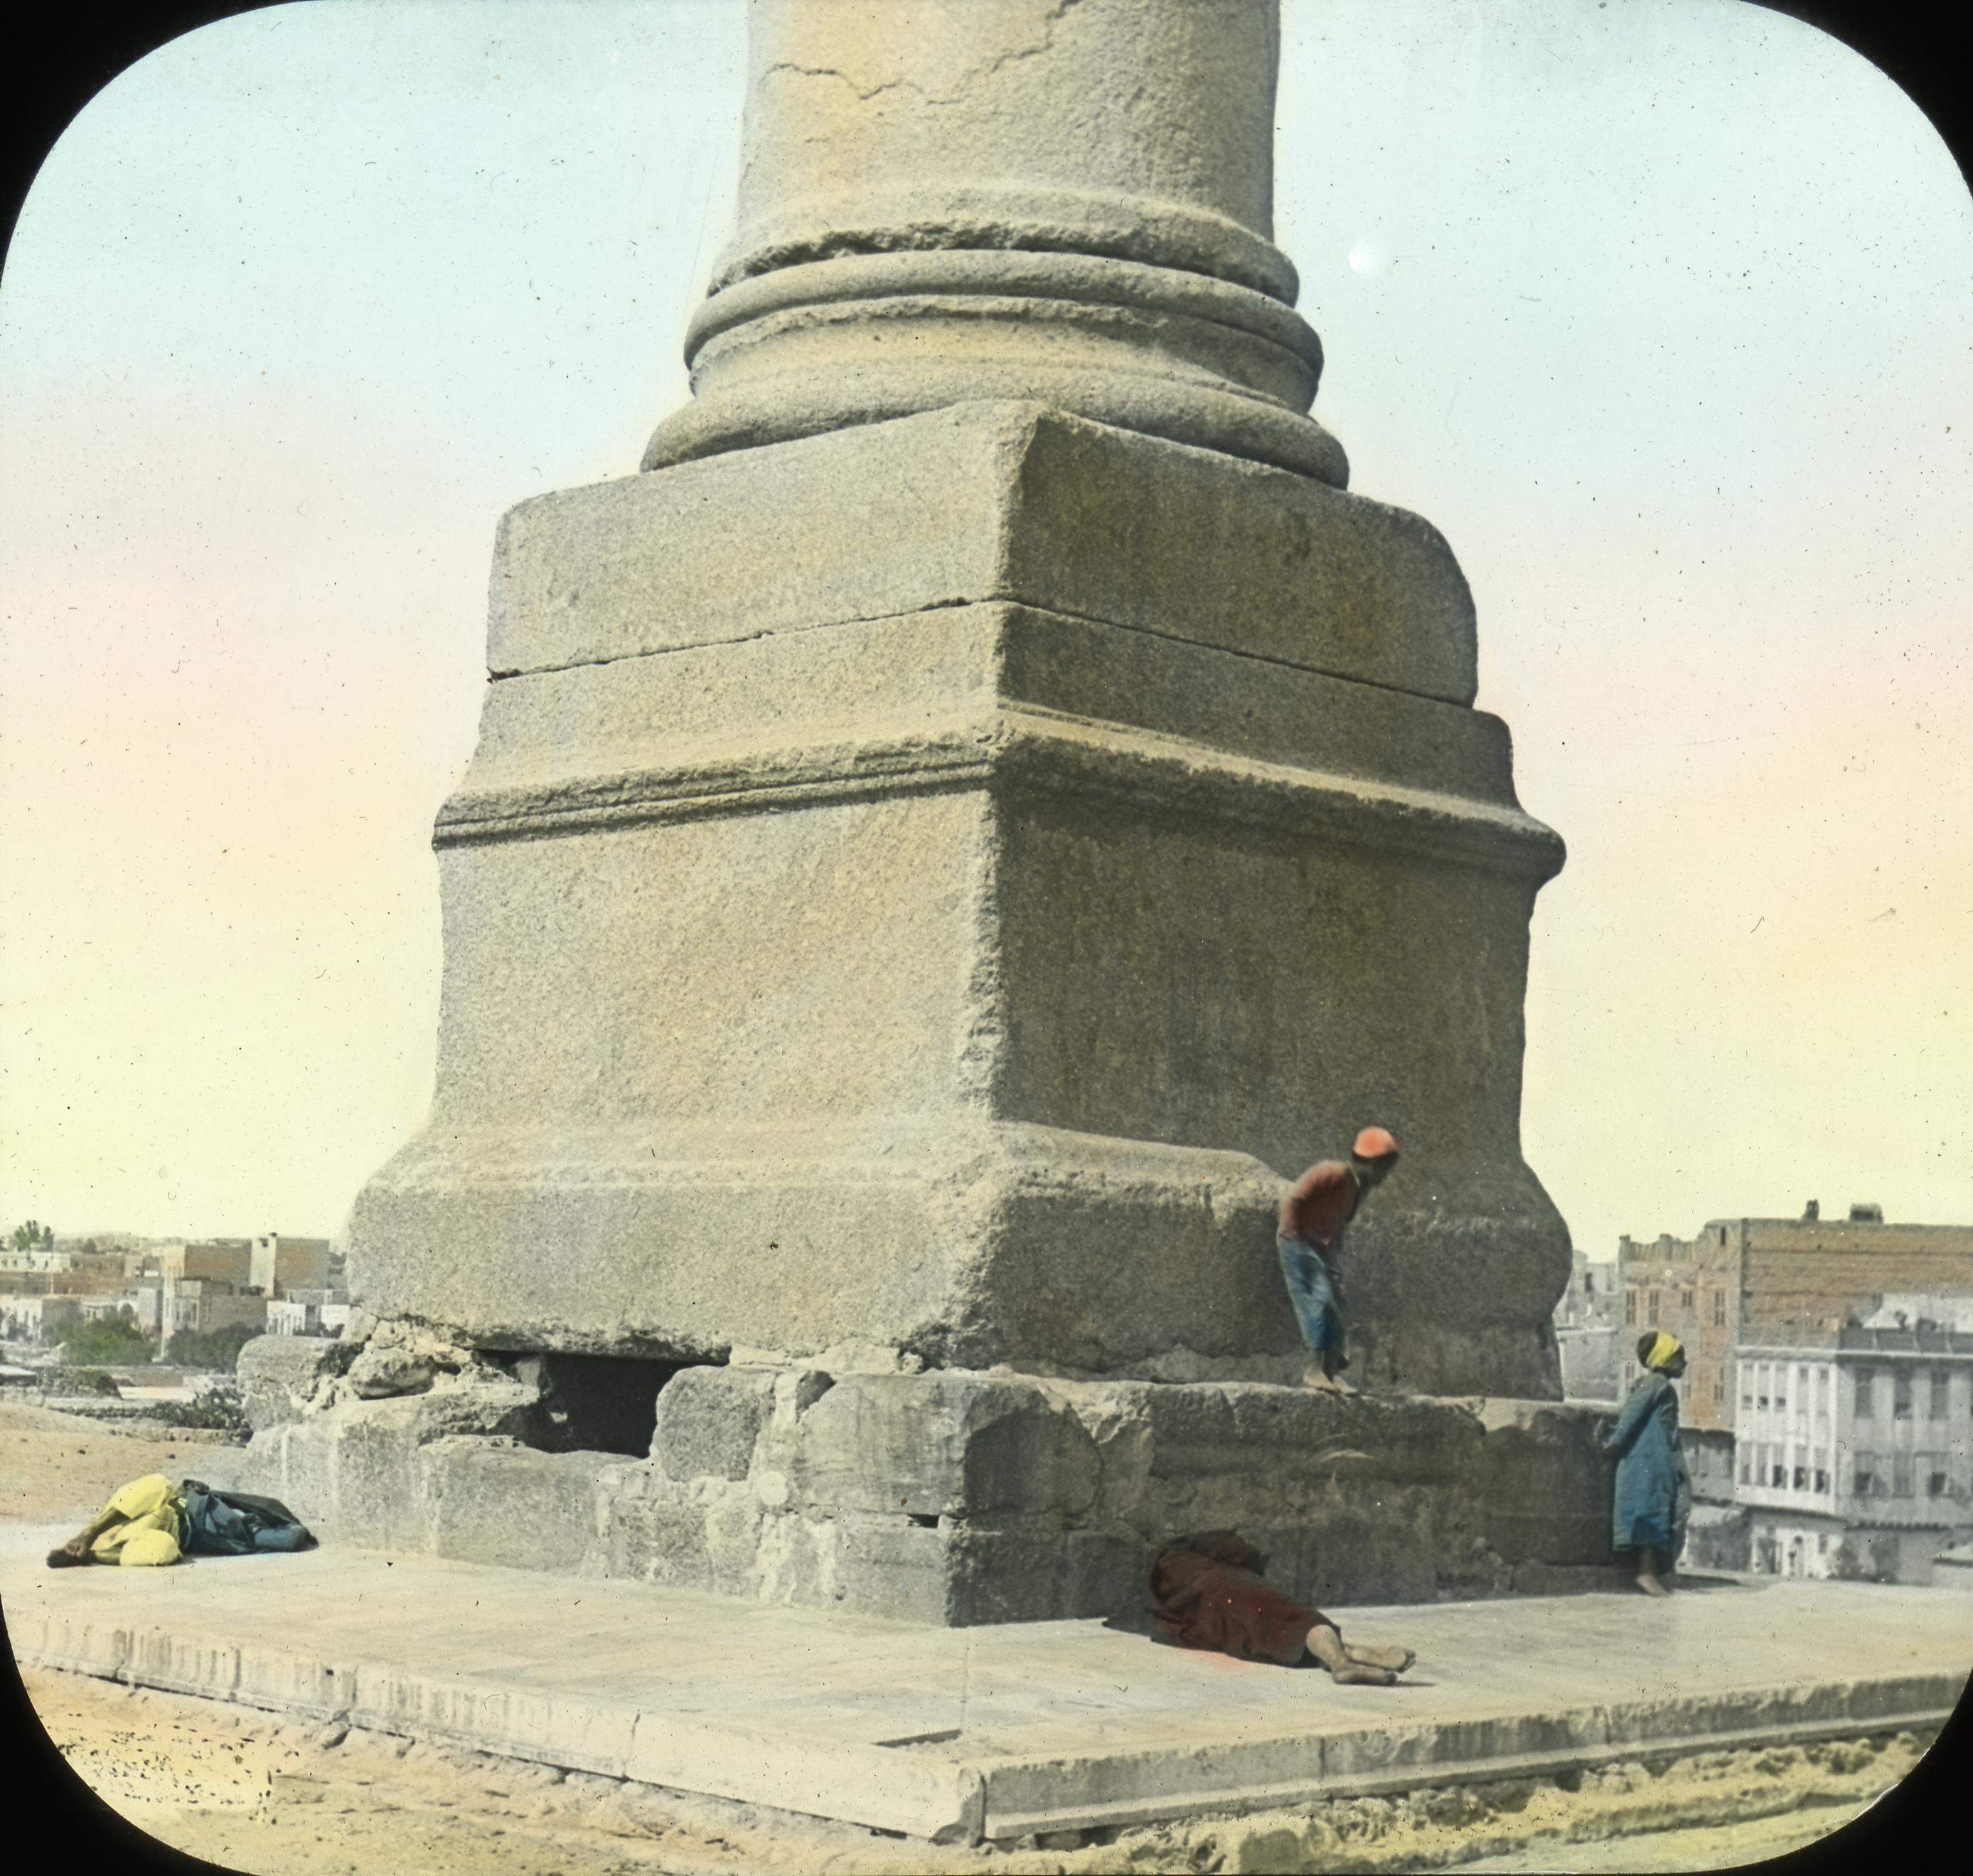 032 - Egypt - Base of Pompey's Pillar, Alexandria